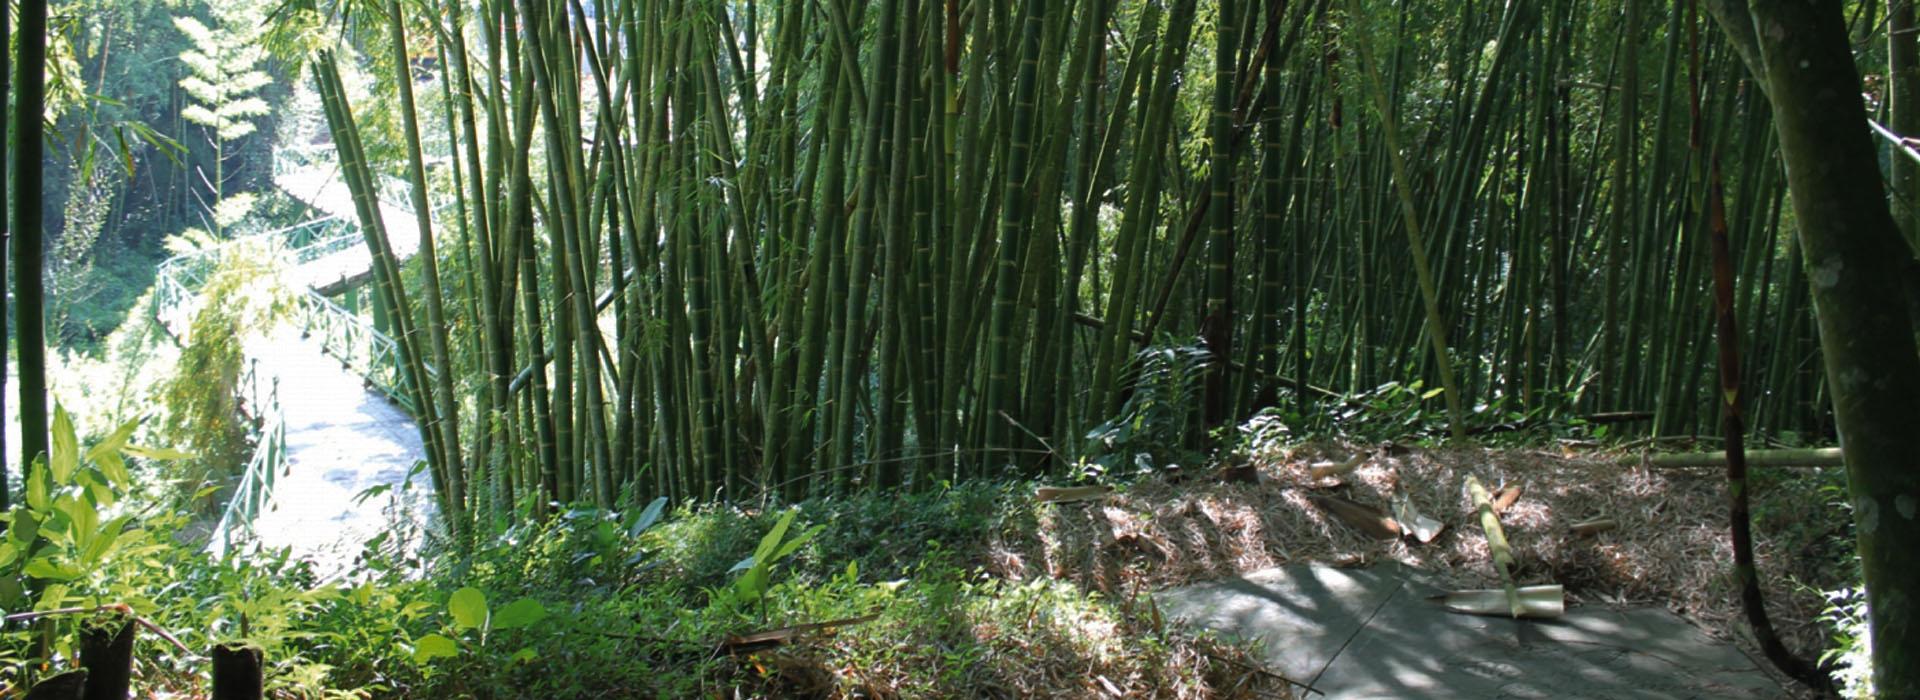 bambusario-1